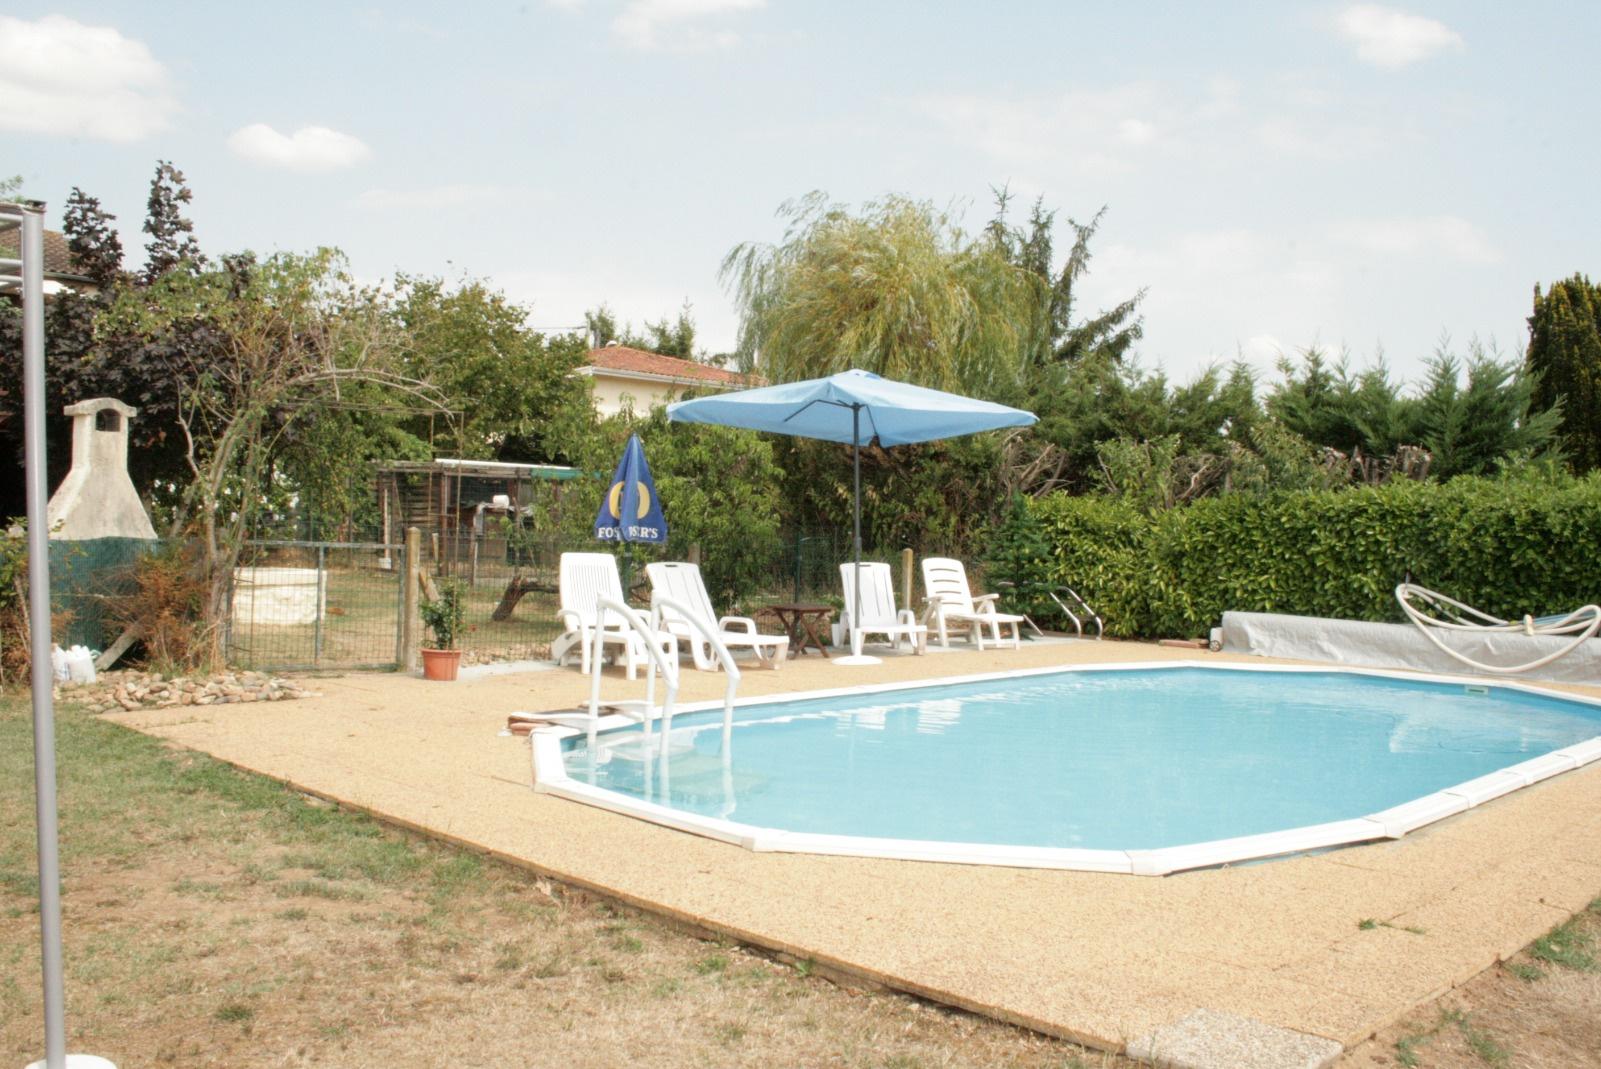 Maison piscine chauff e for Prix piscine chauffee